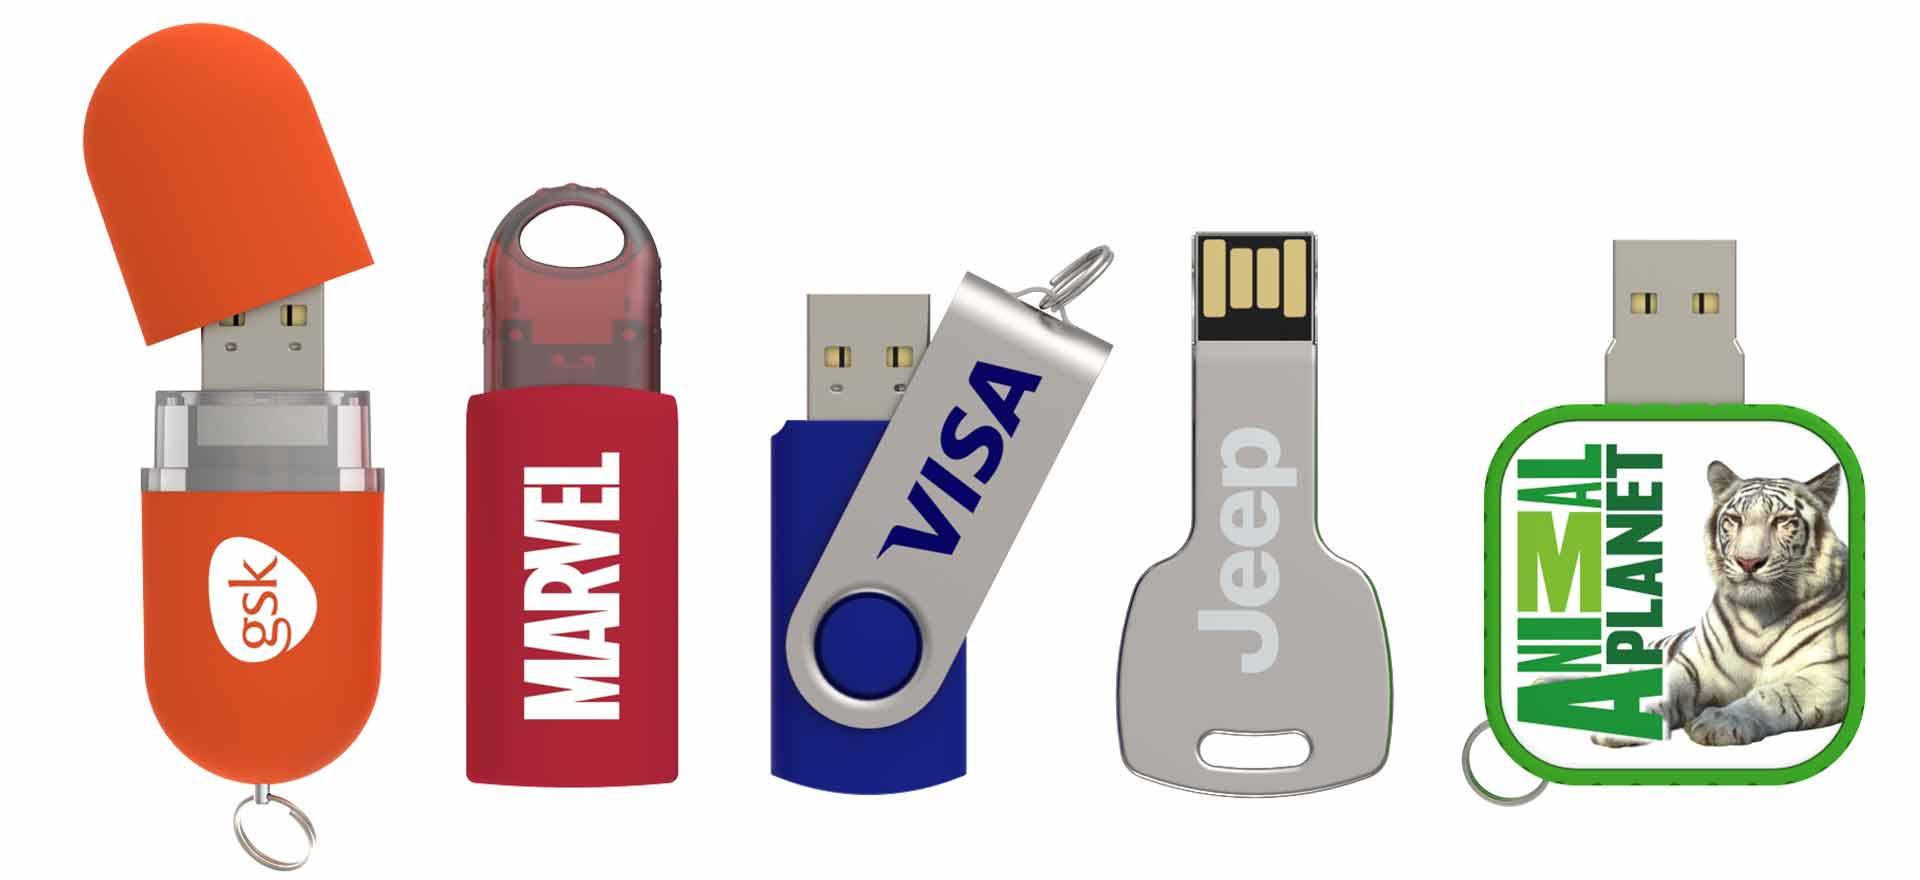 USB隨身行動碟交付期僅5個工作日!